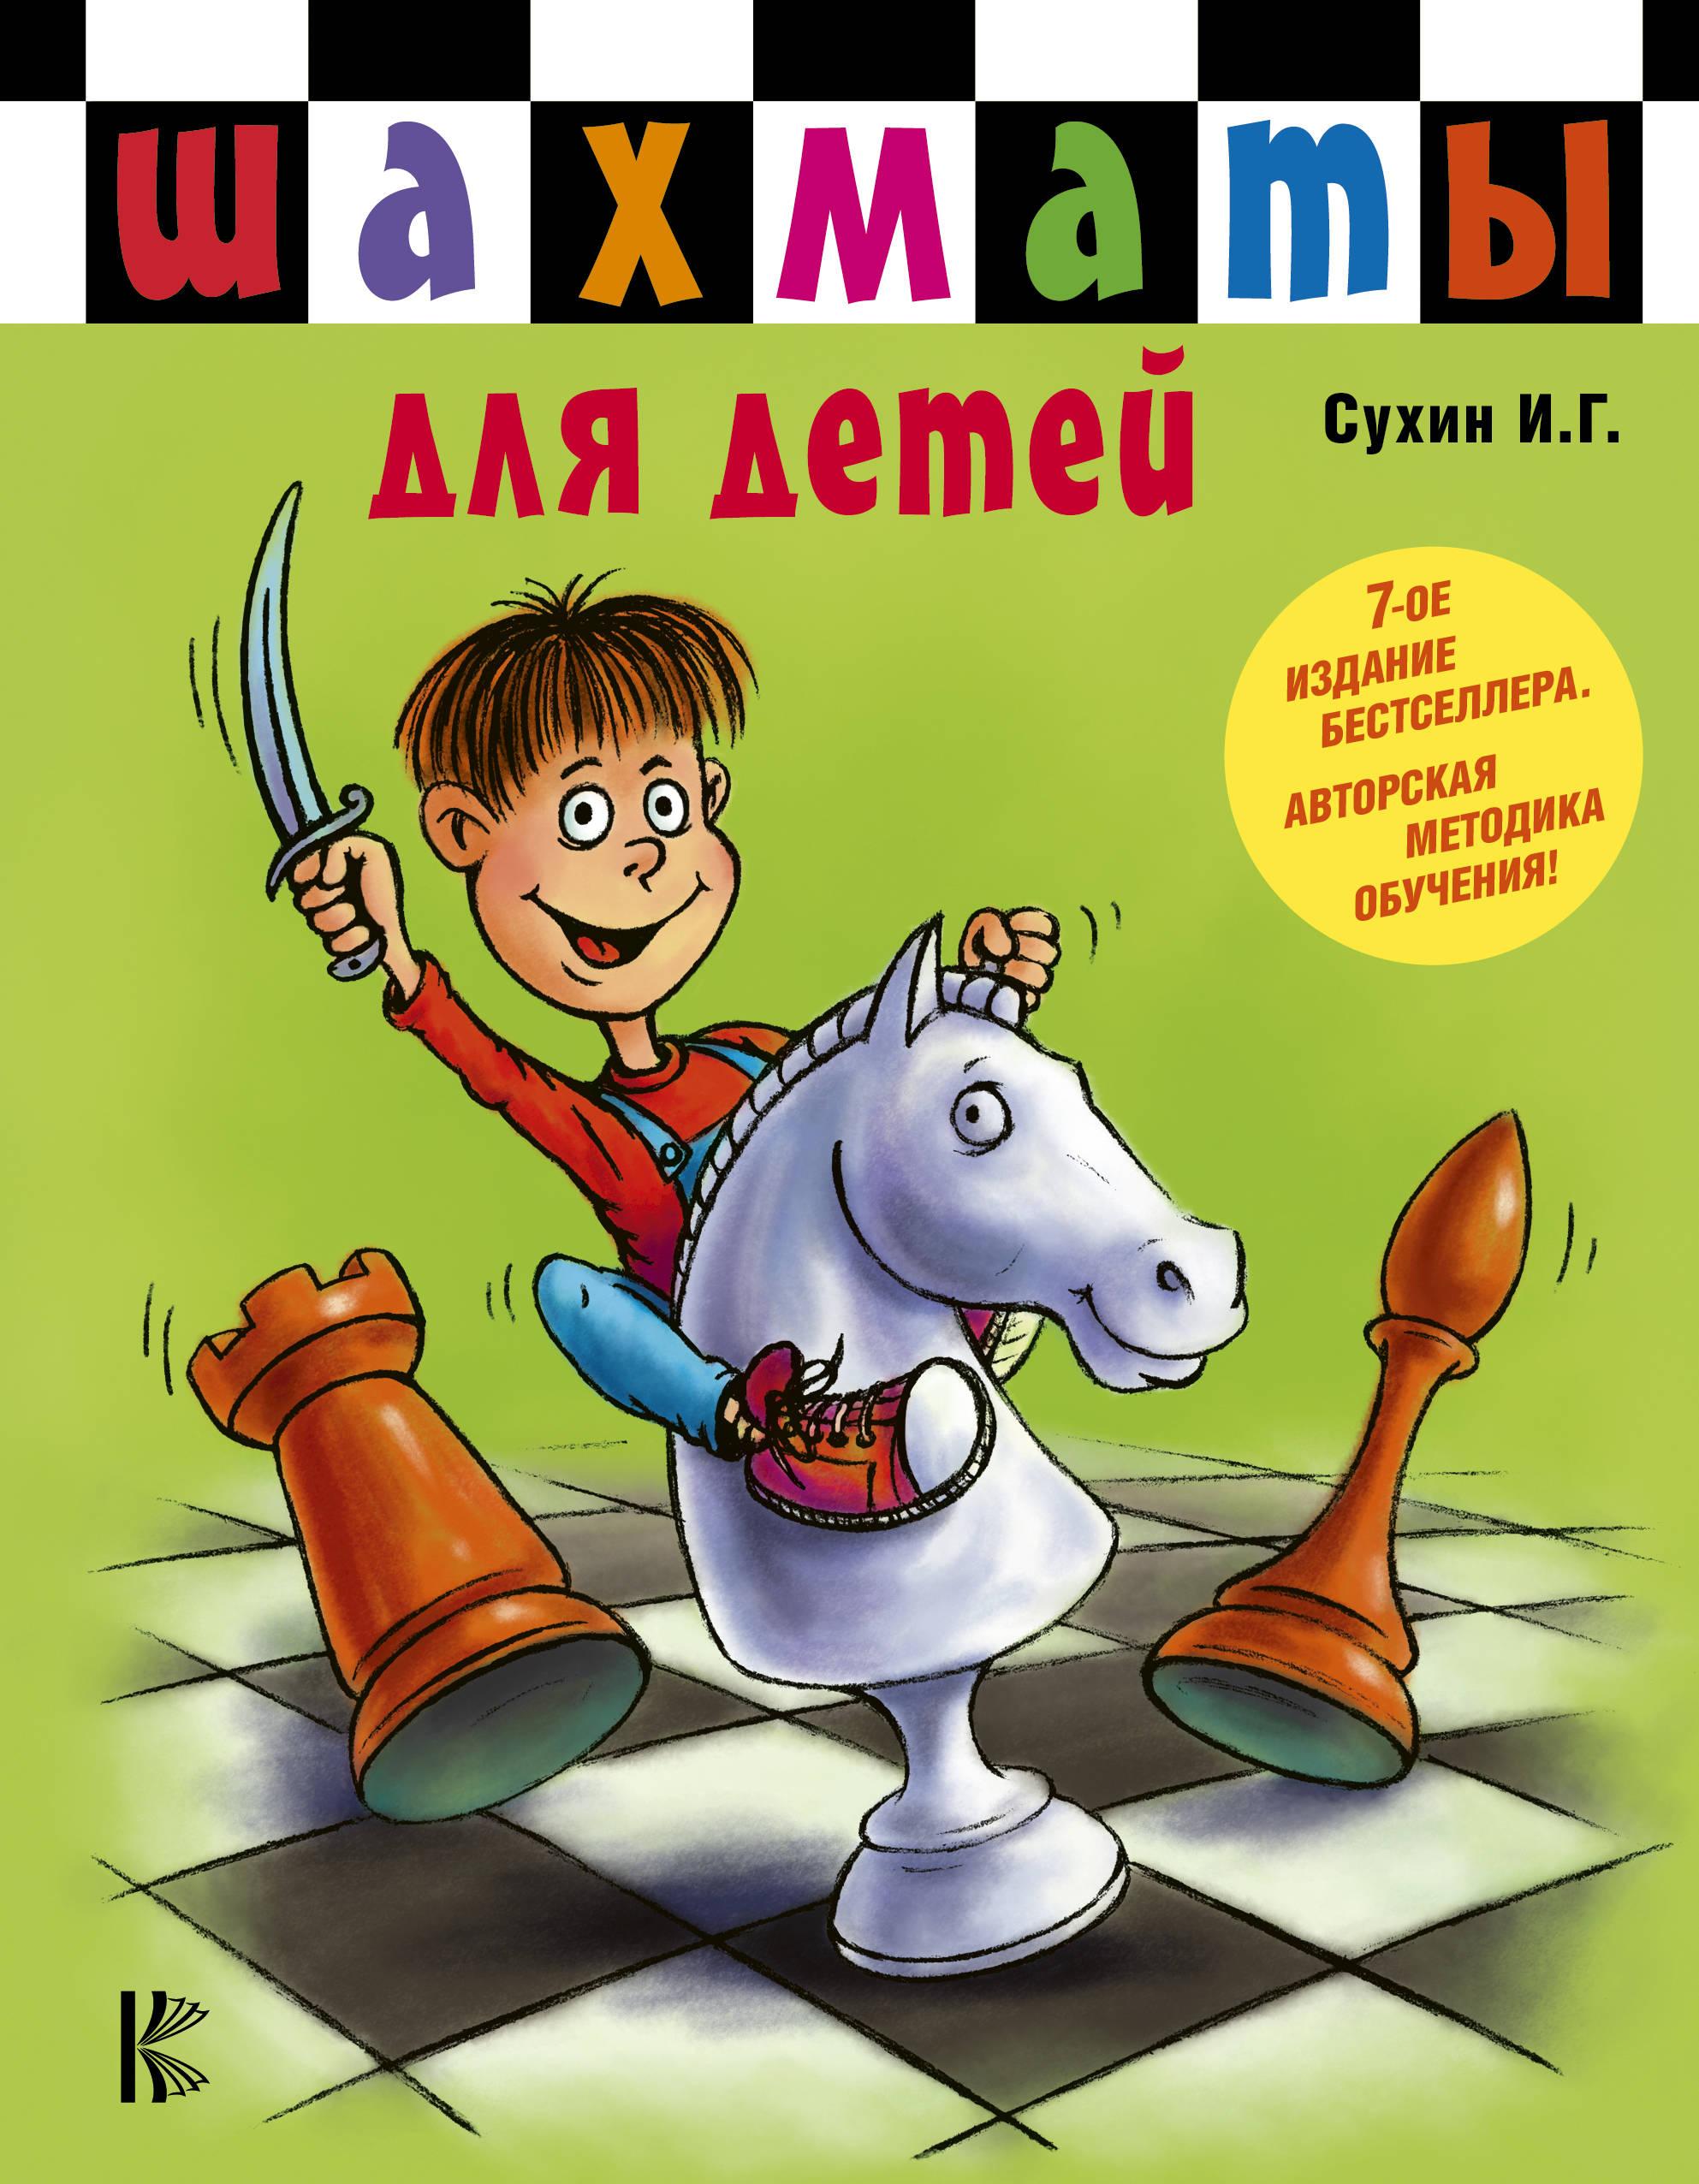 Шахматы для детей ( Сухин И.Г.  )